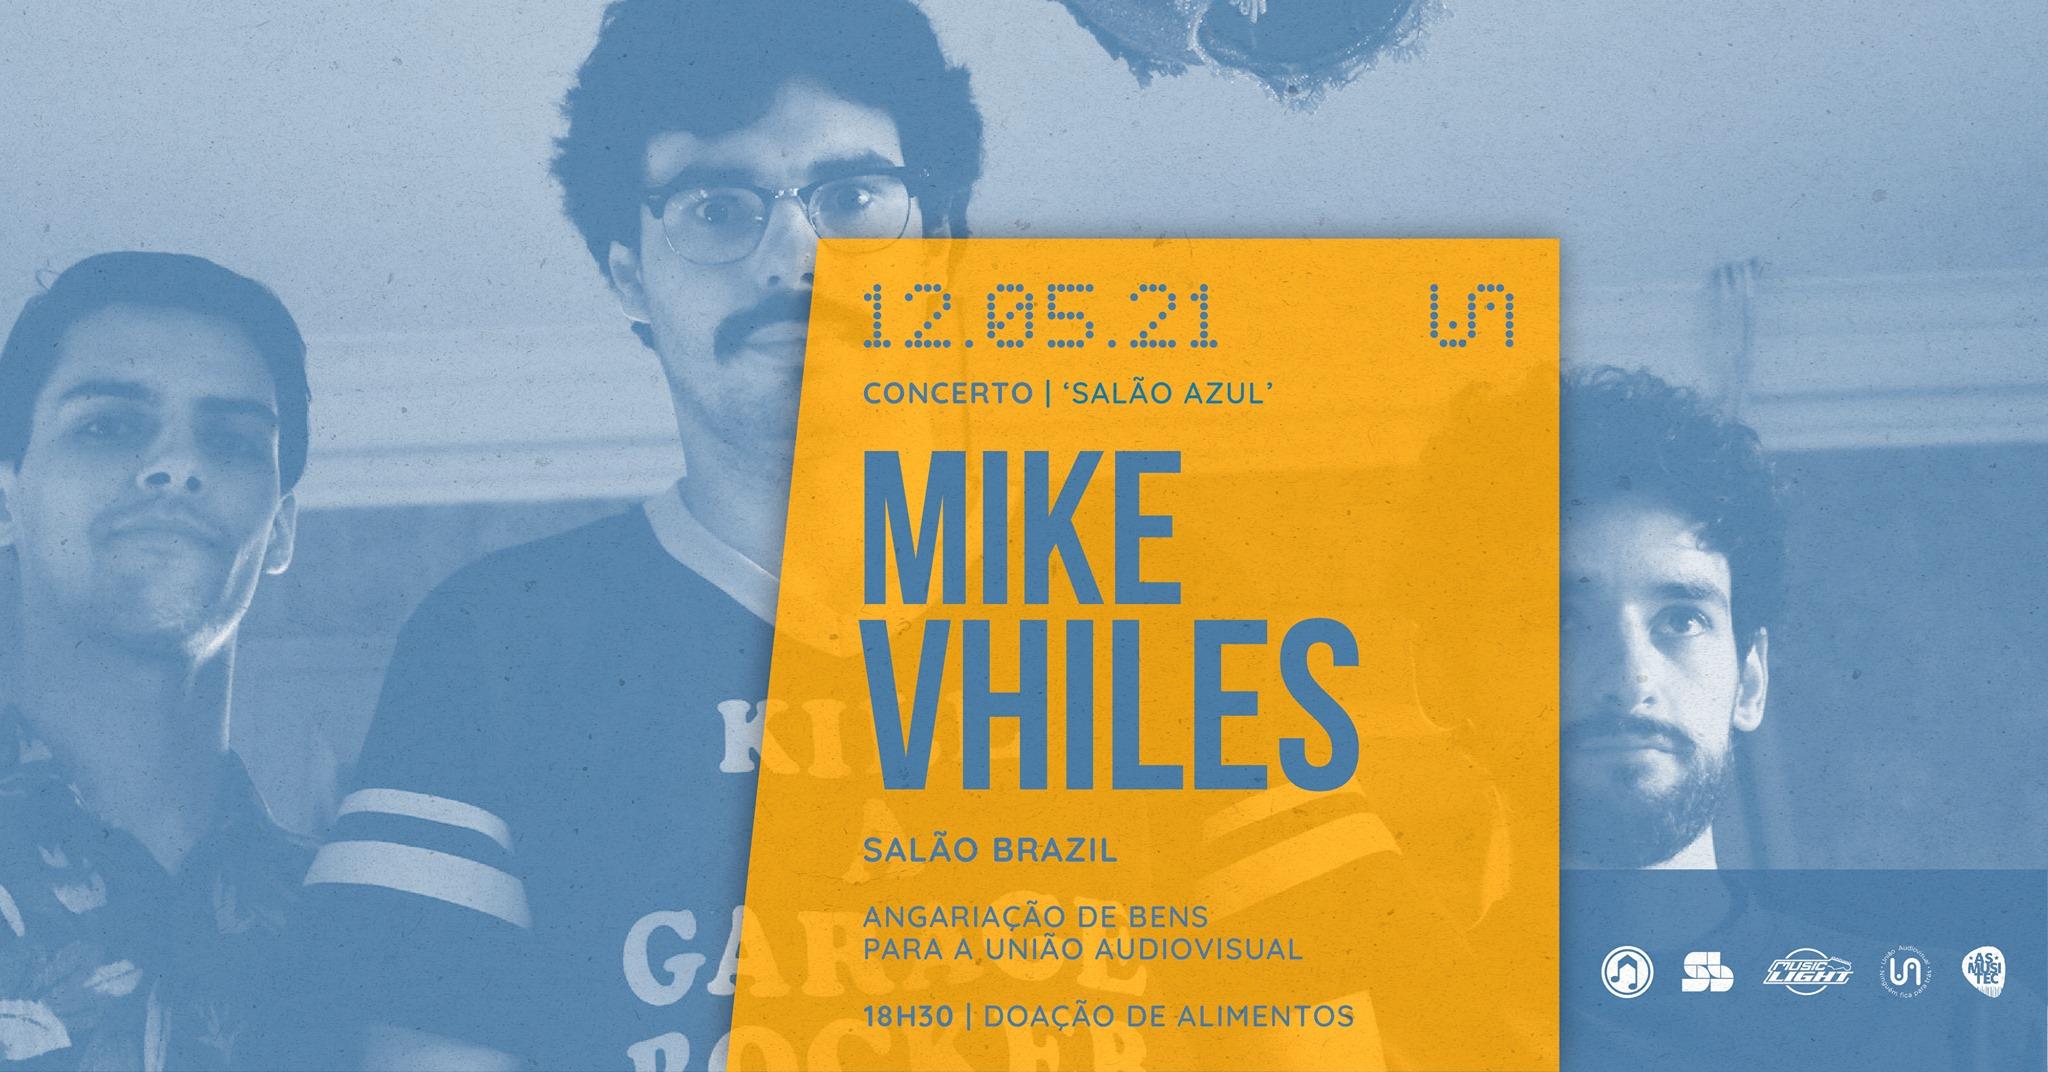 Salão Azul ~ Mike Vhiles